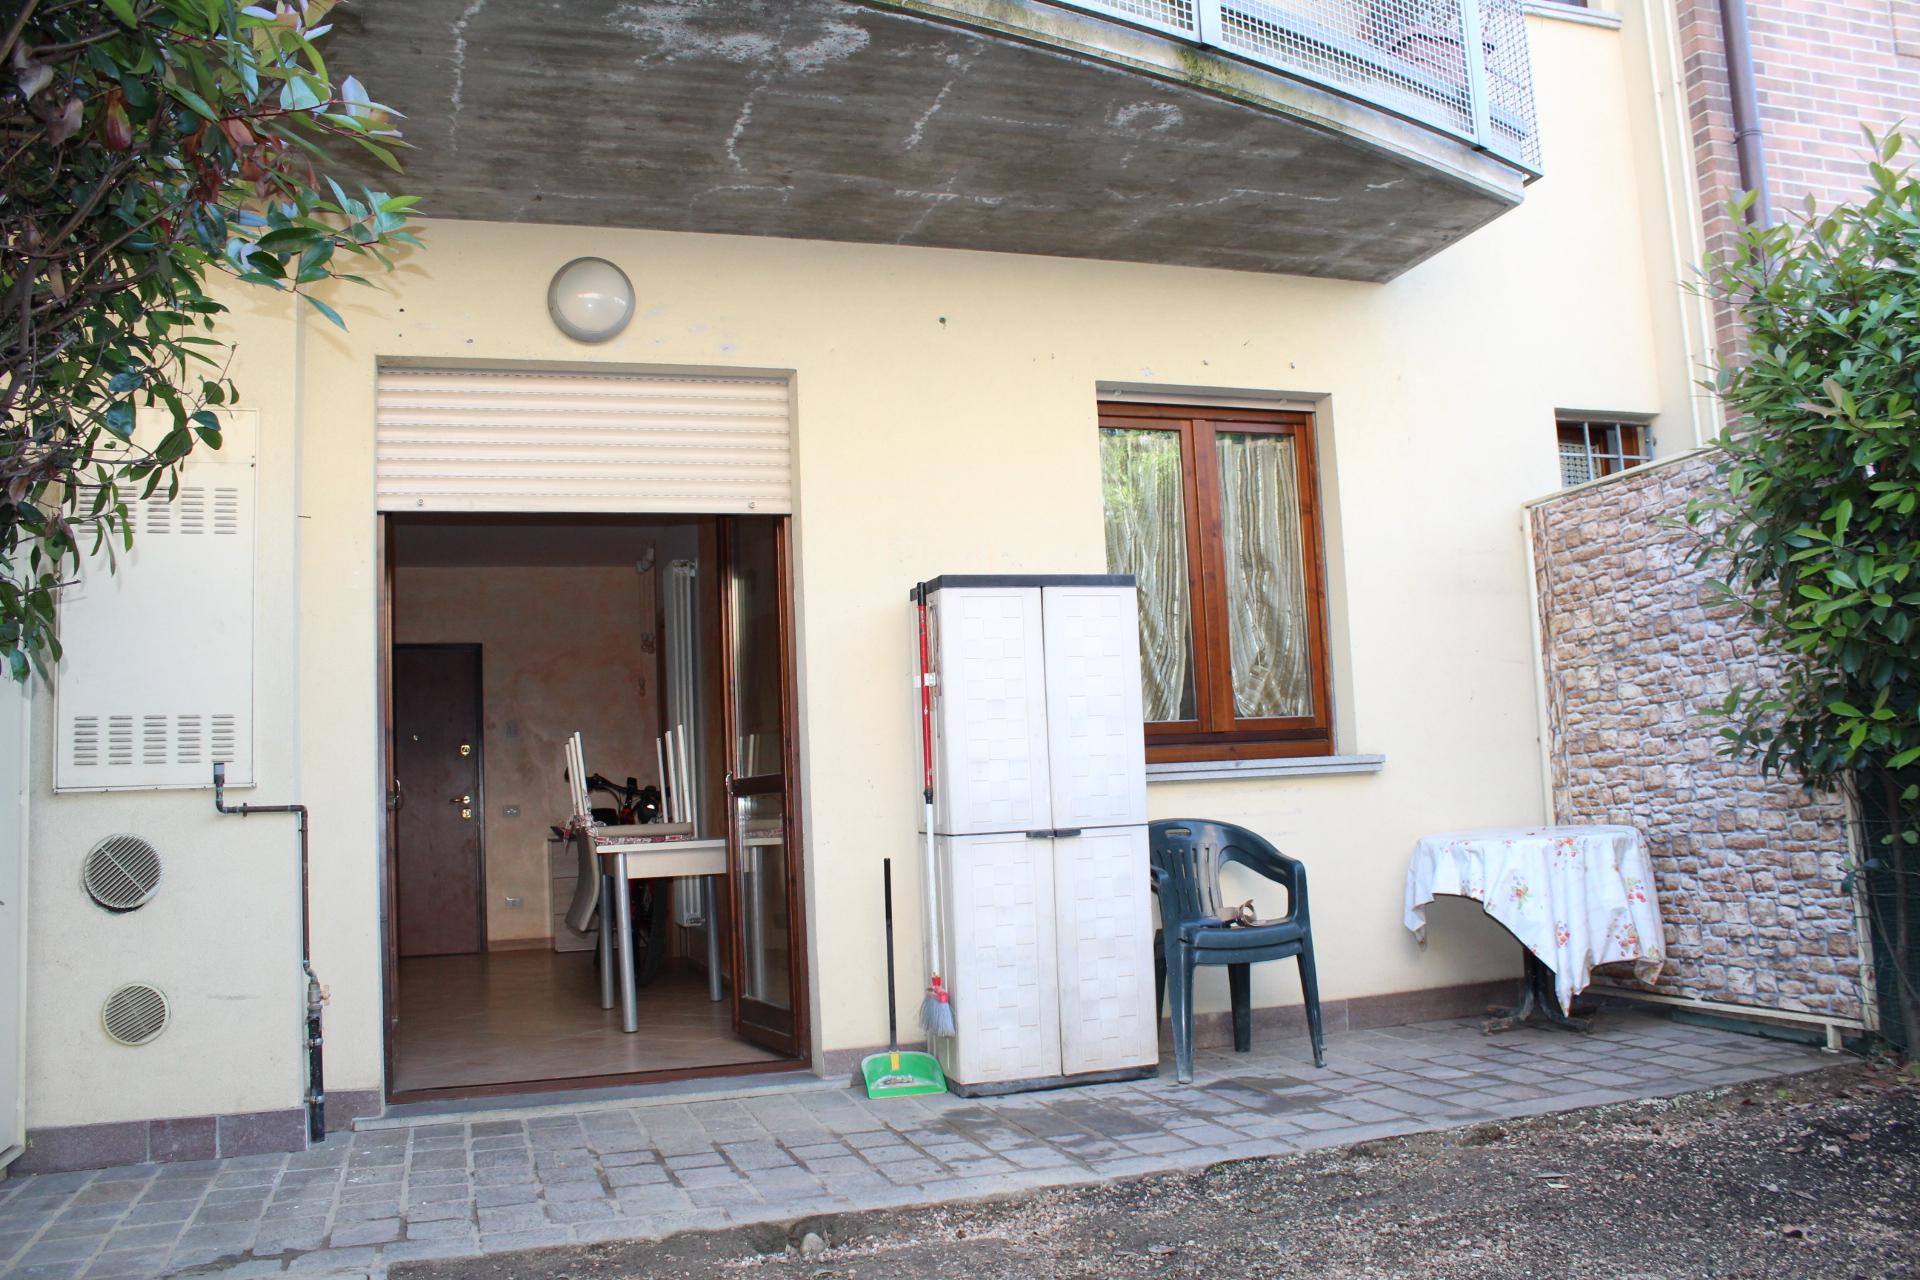 Affitto casa con giardino bergamo a immobiliare agenzia for Case affitto bergamo